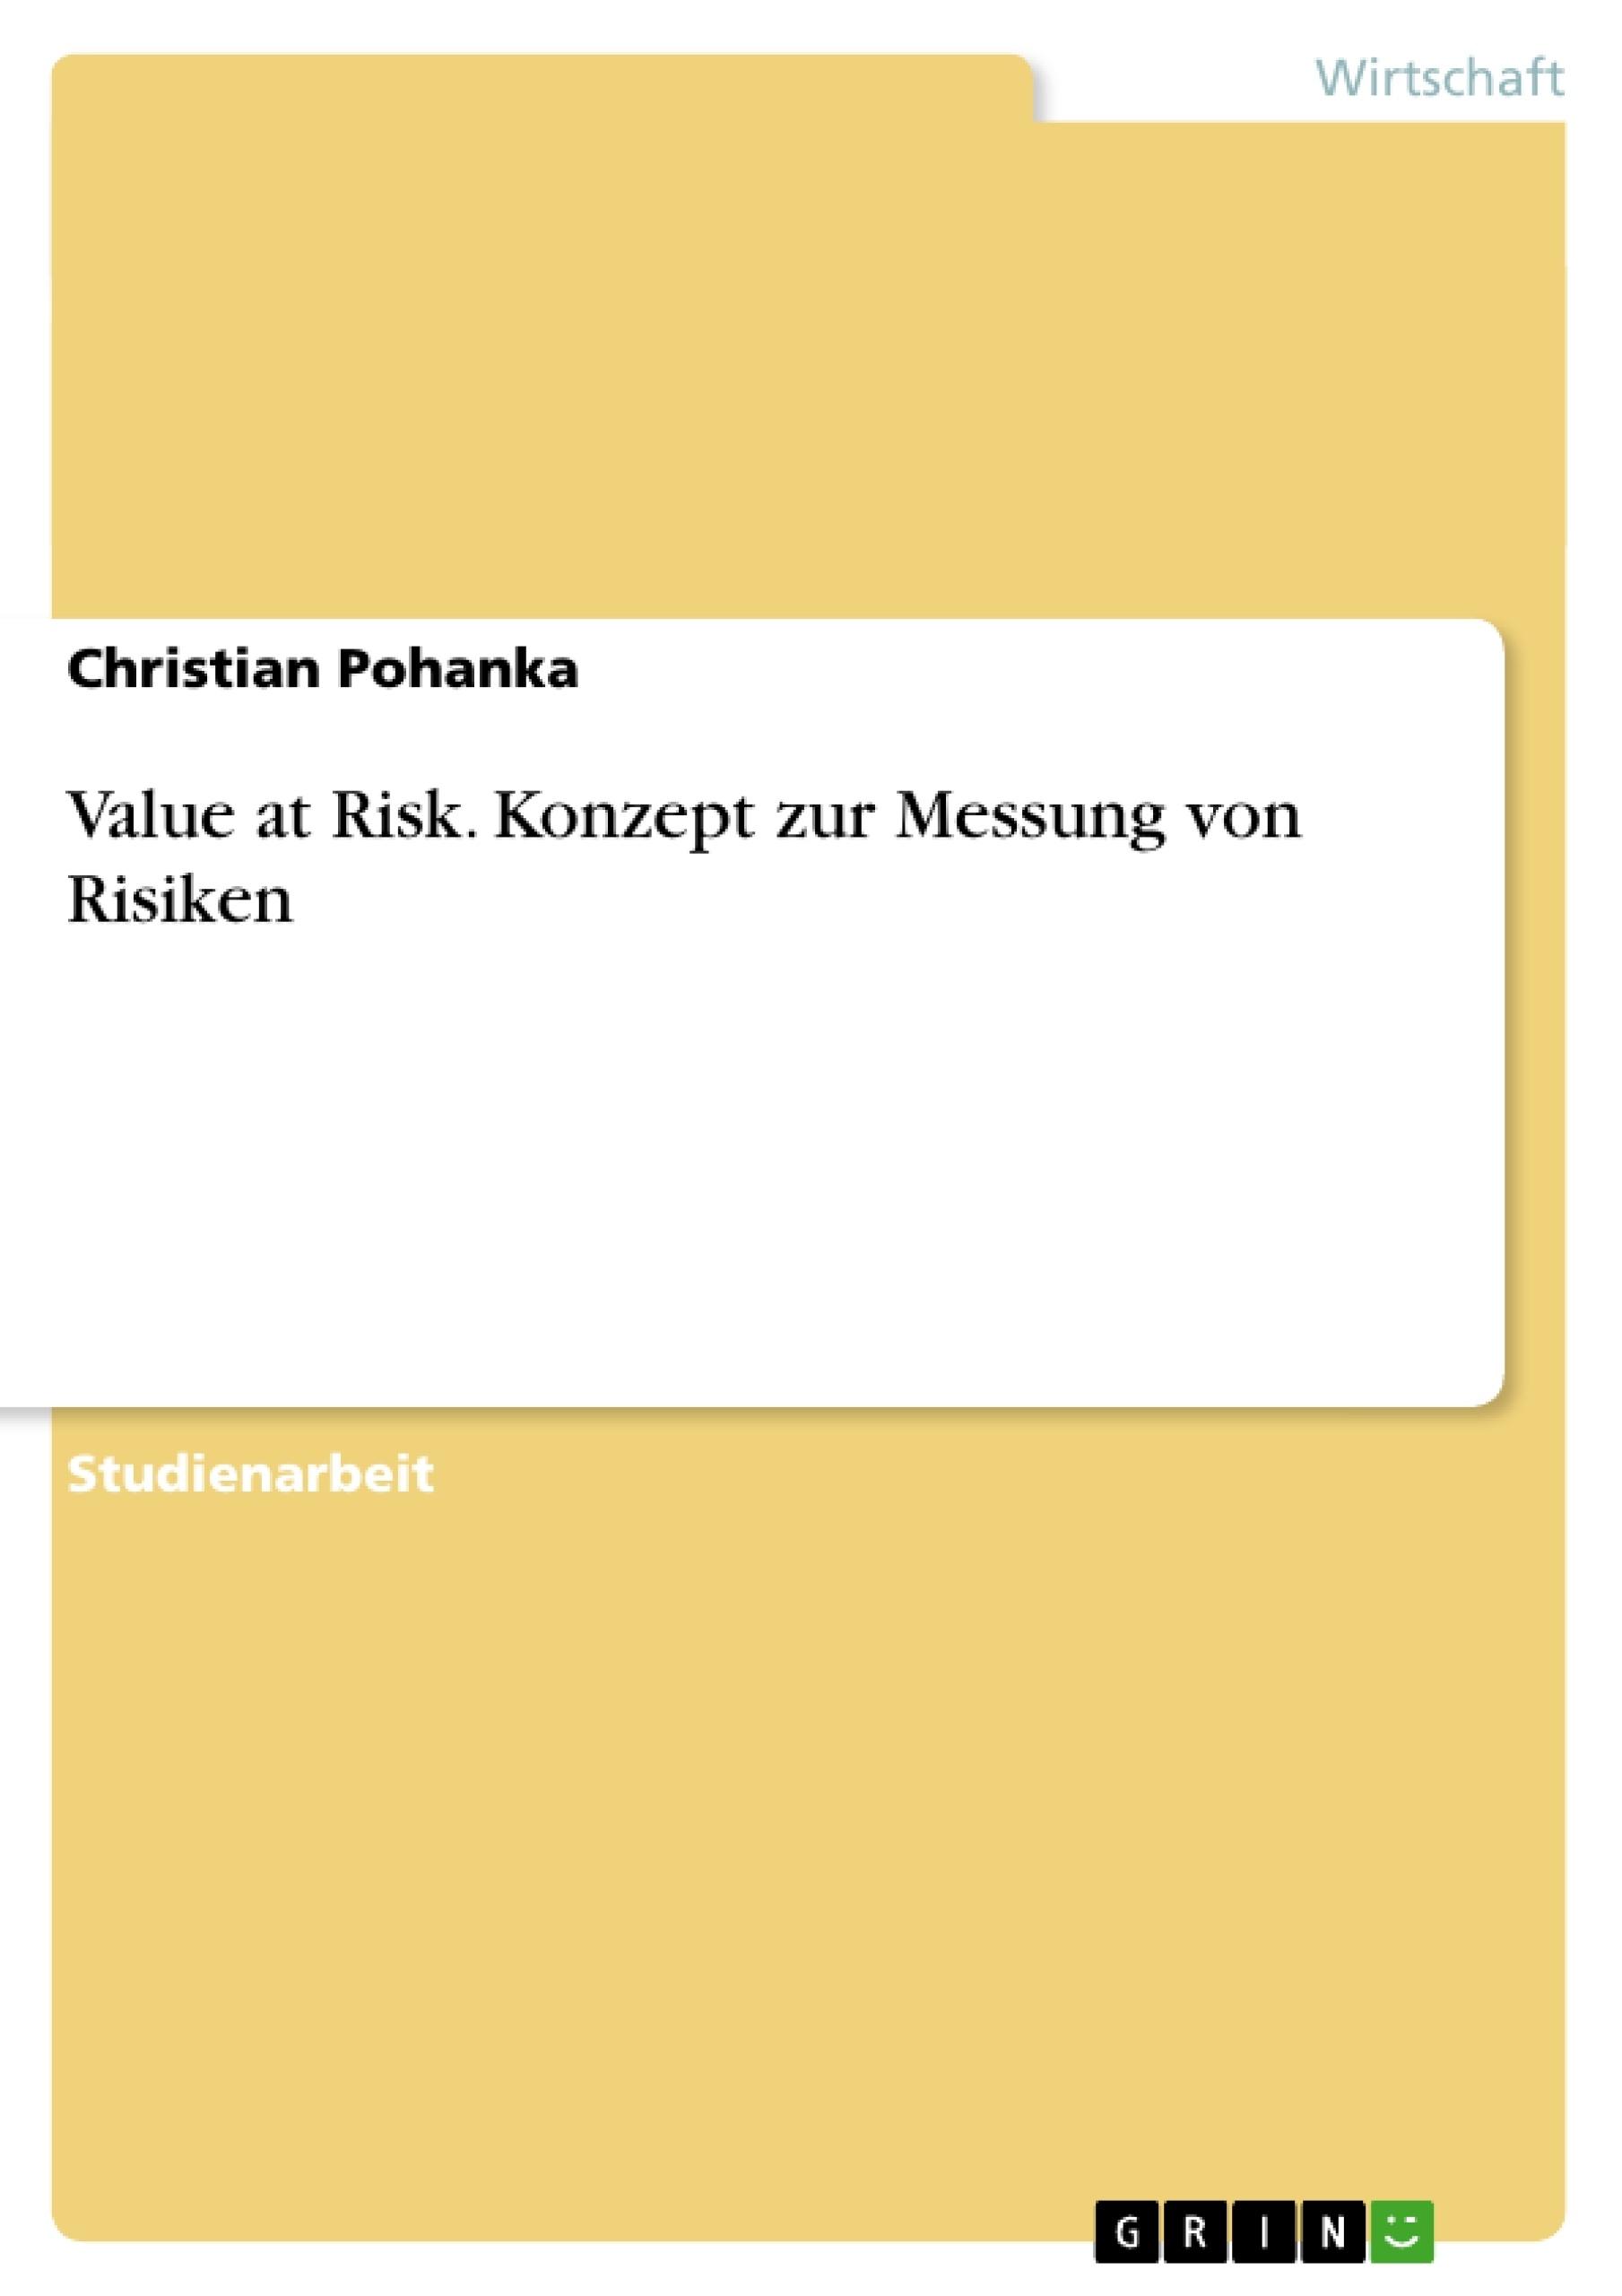 Titel: Value at Risk. Konzept zur Messung von Risiken